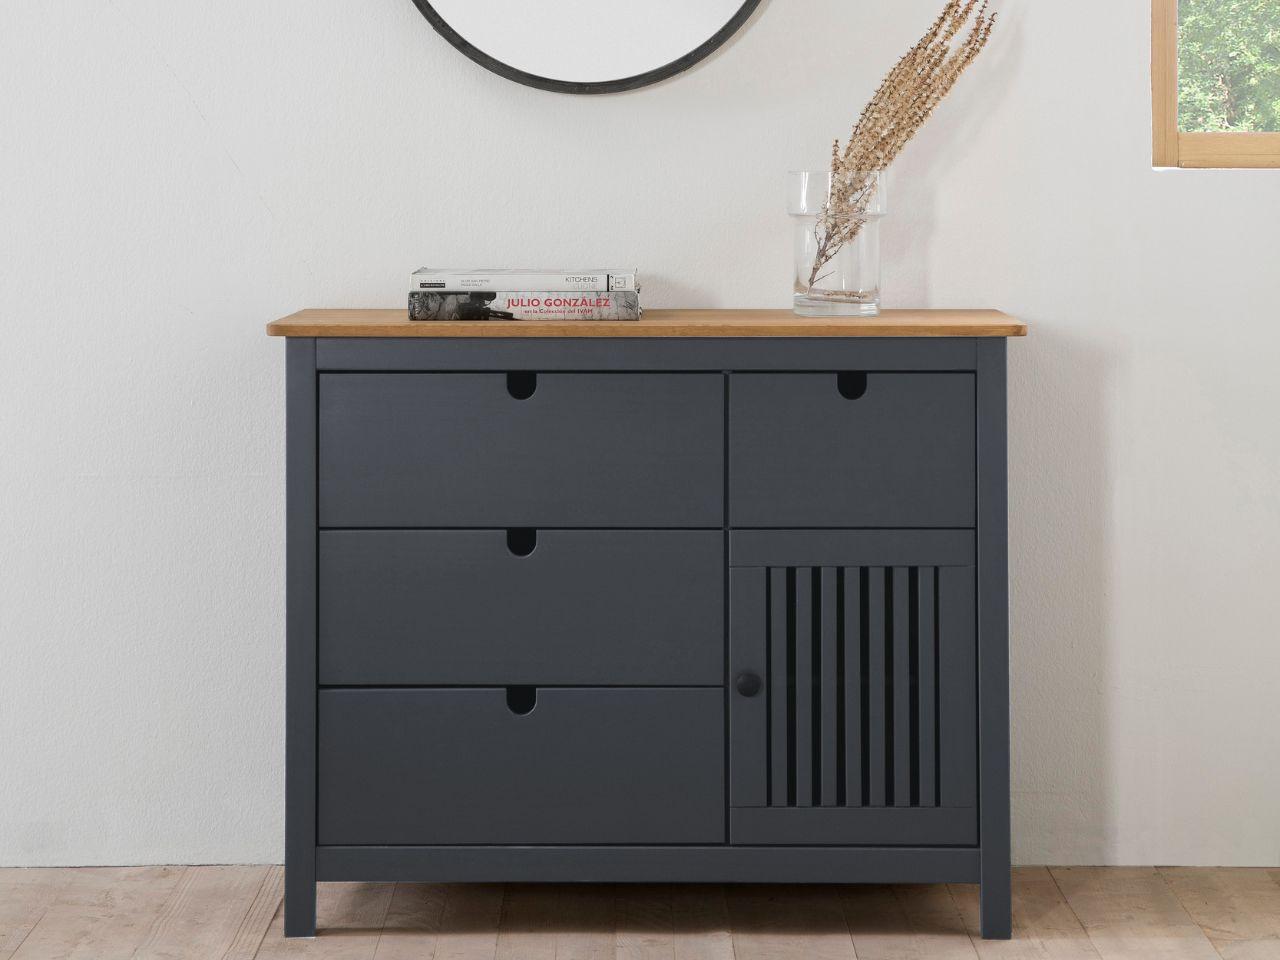 Habitaciones Juveniles Completas Y Dormitorios Juveniles Dicoro ~ Habitaciones Juveniles De Madera